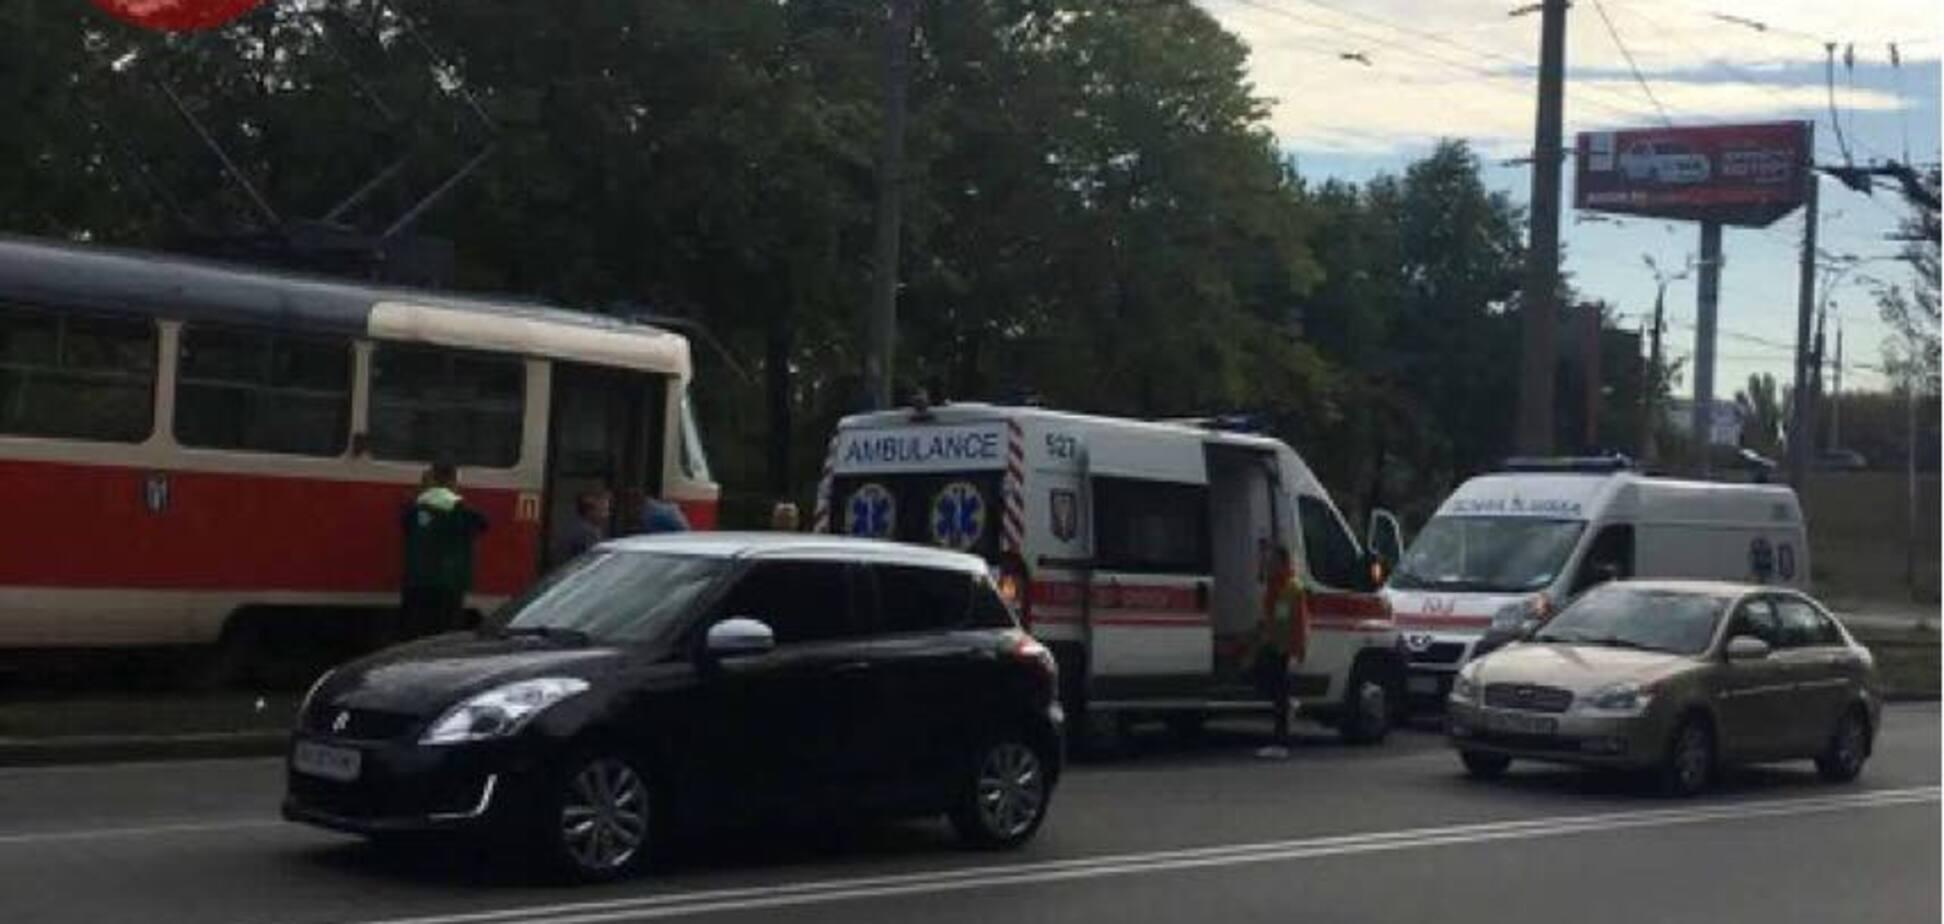 Прямувала через рейки: у Києві трамвай збив жінку